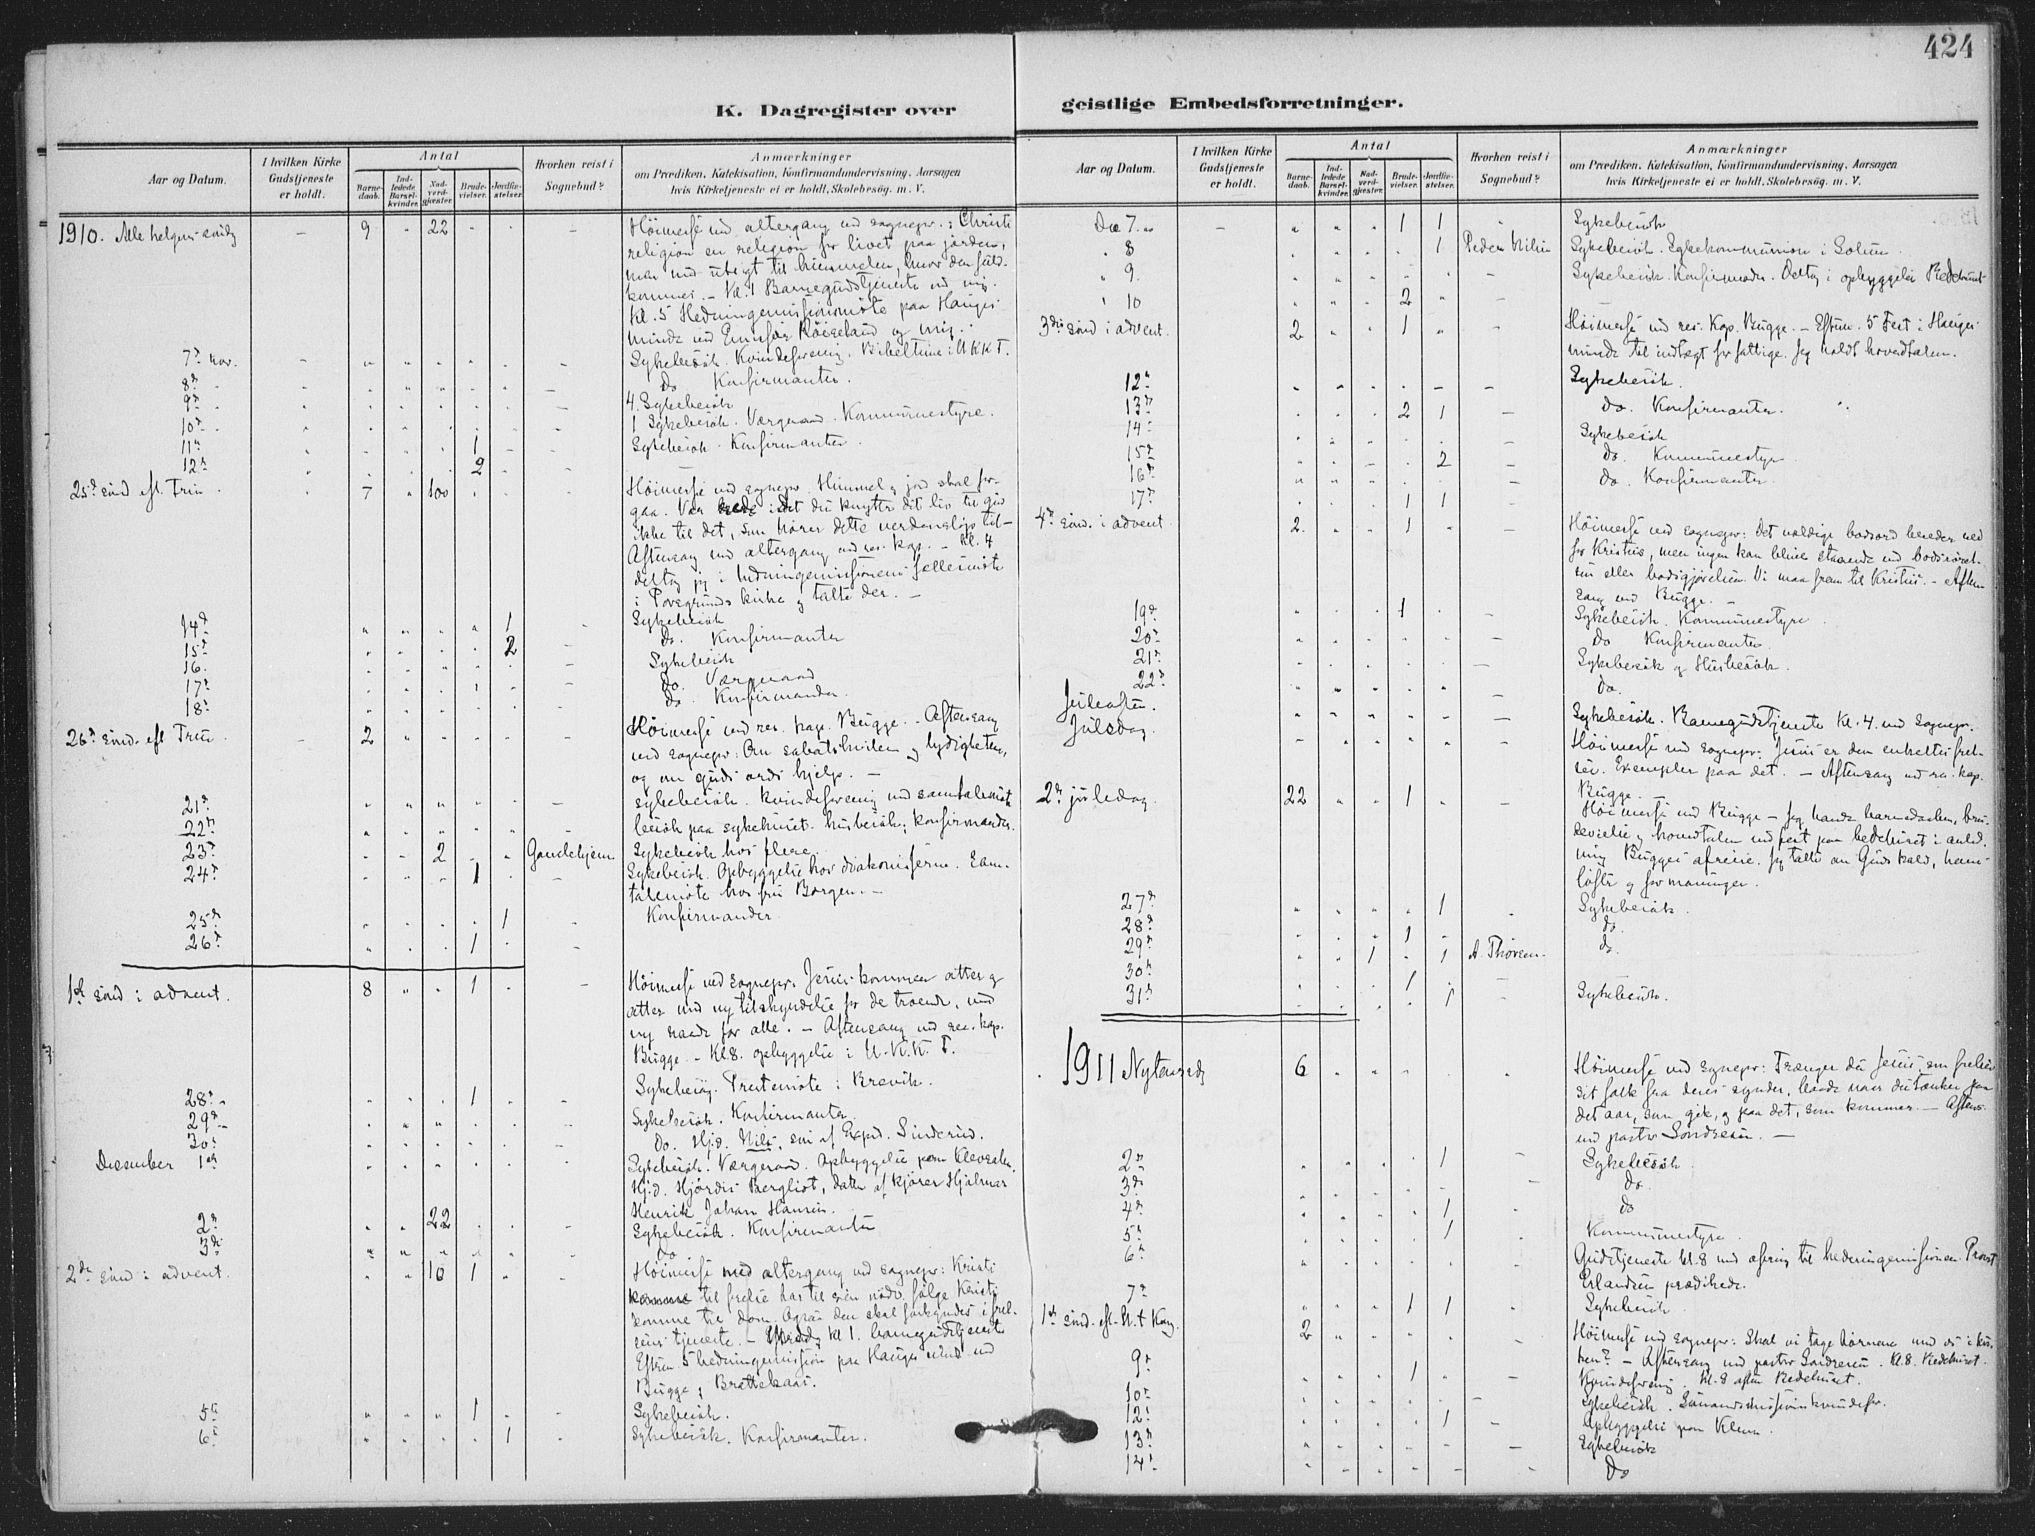 SAKO, Skien kirkebøker, F/Fa/L0012: Ministerialbok nr. 12, 1908-1914, s. 424